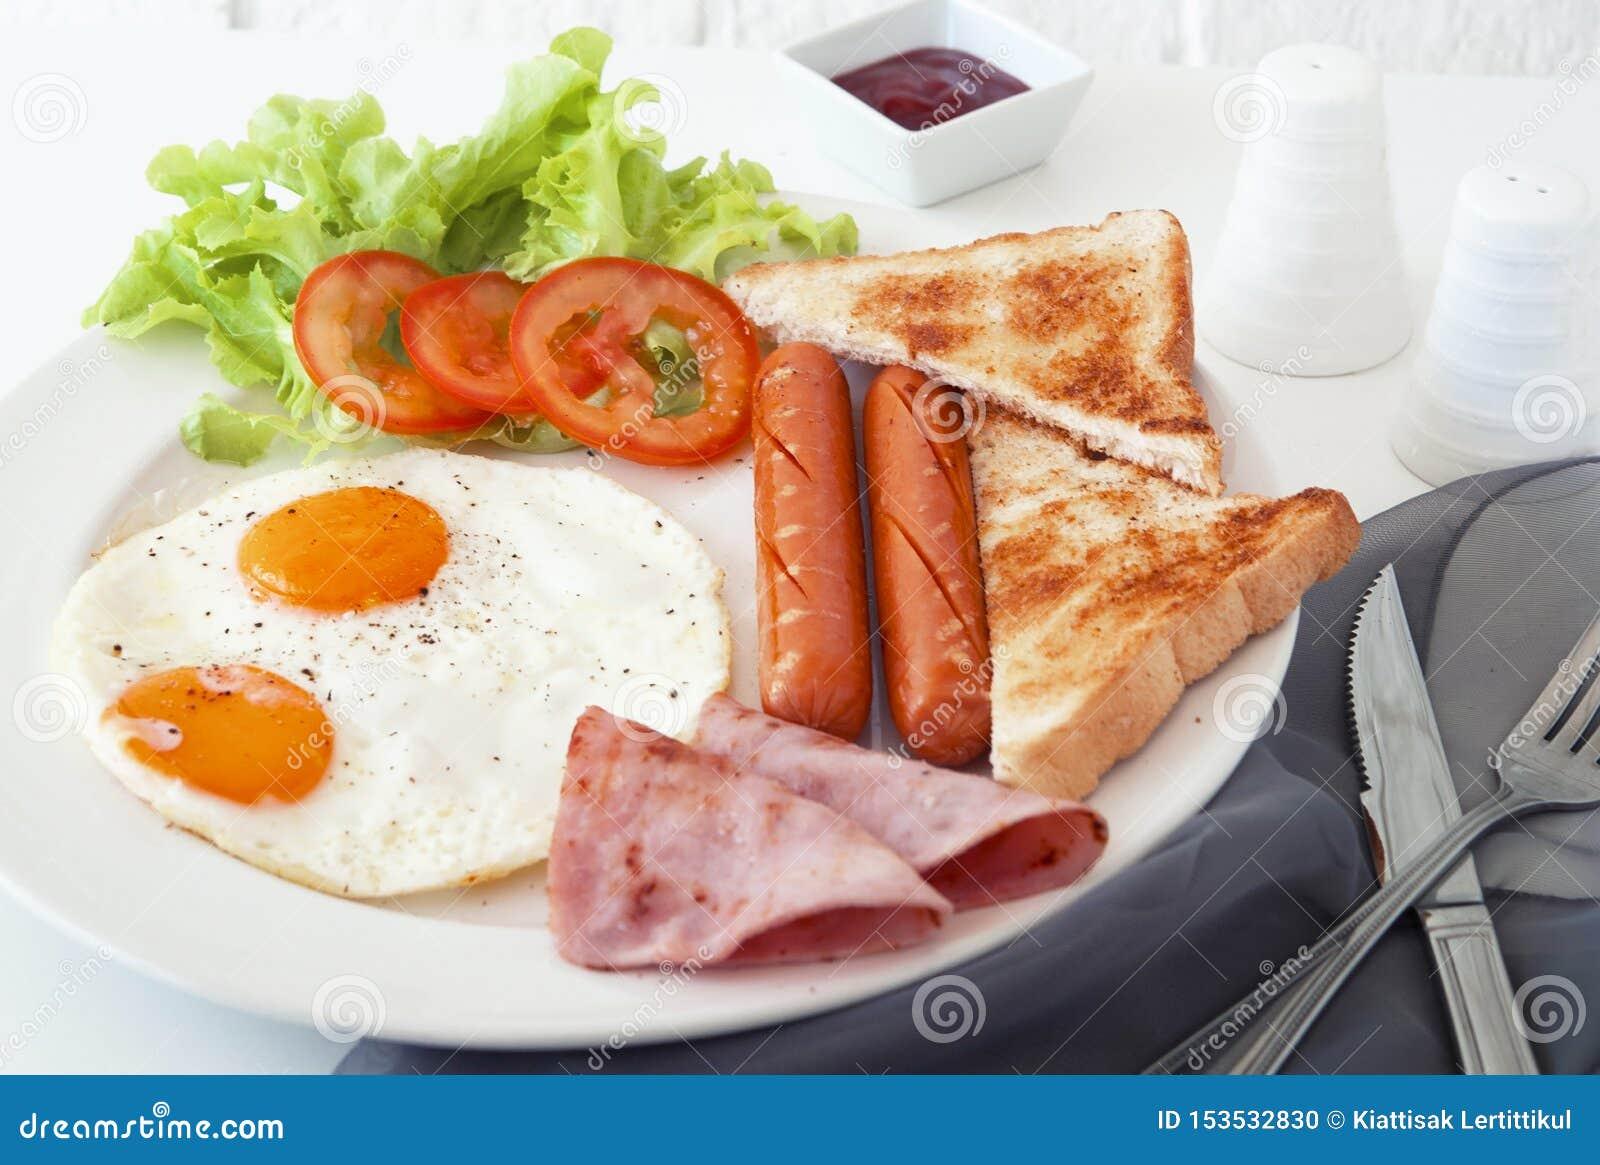 早餐蛋香肠火腿早晨